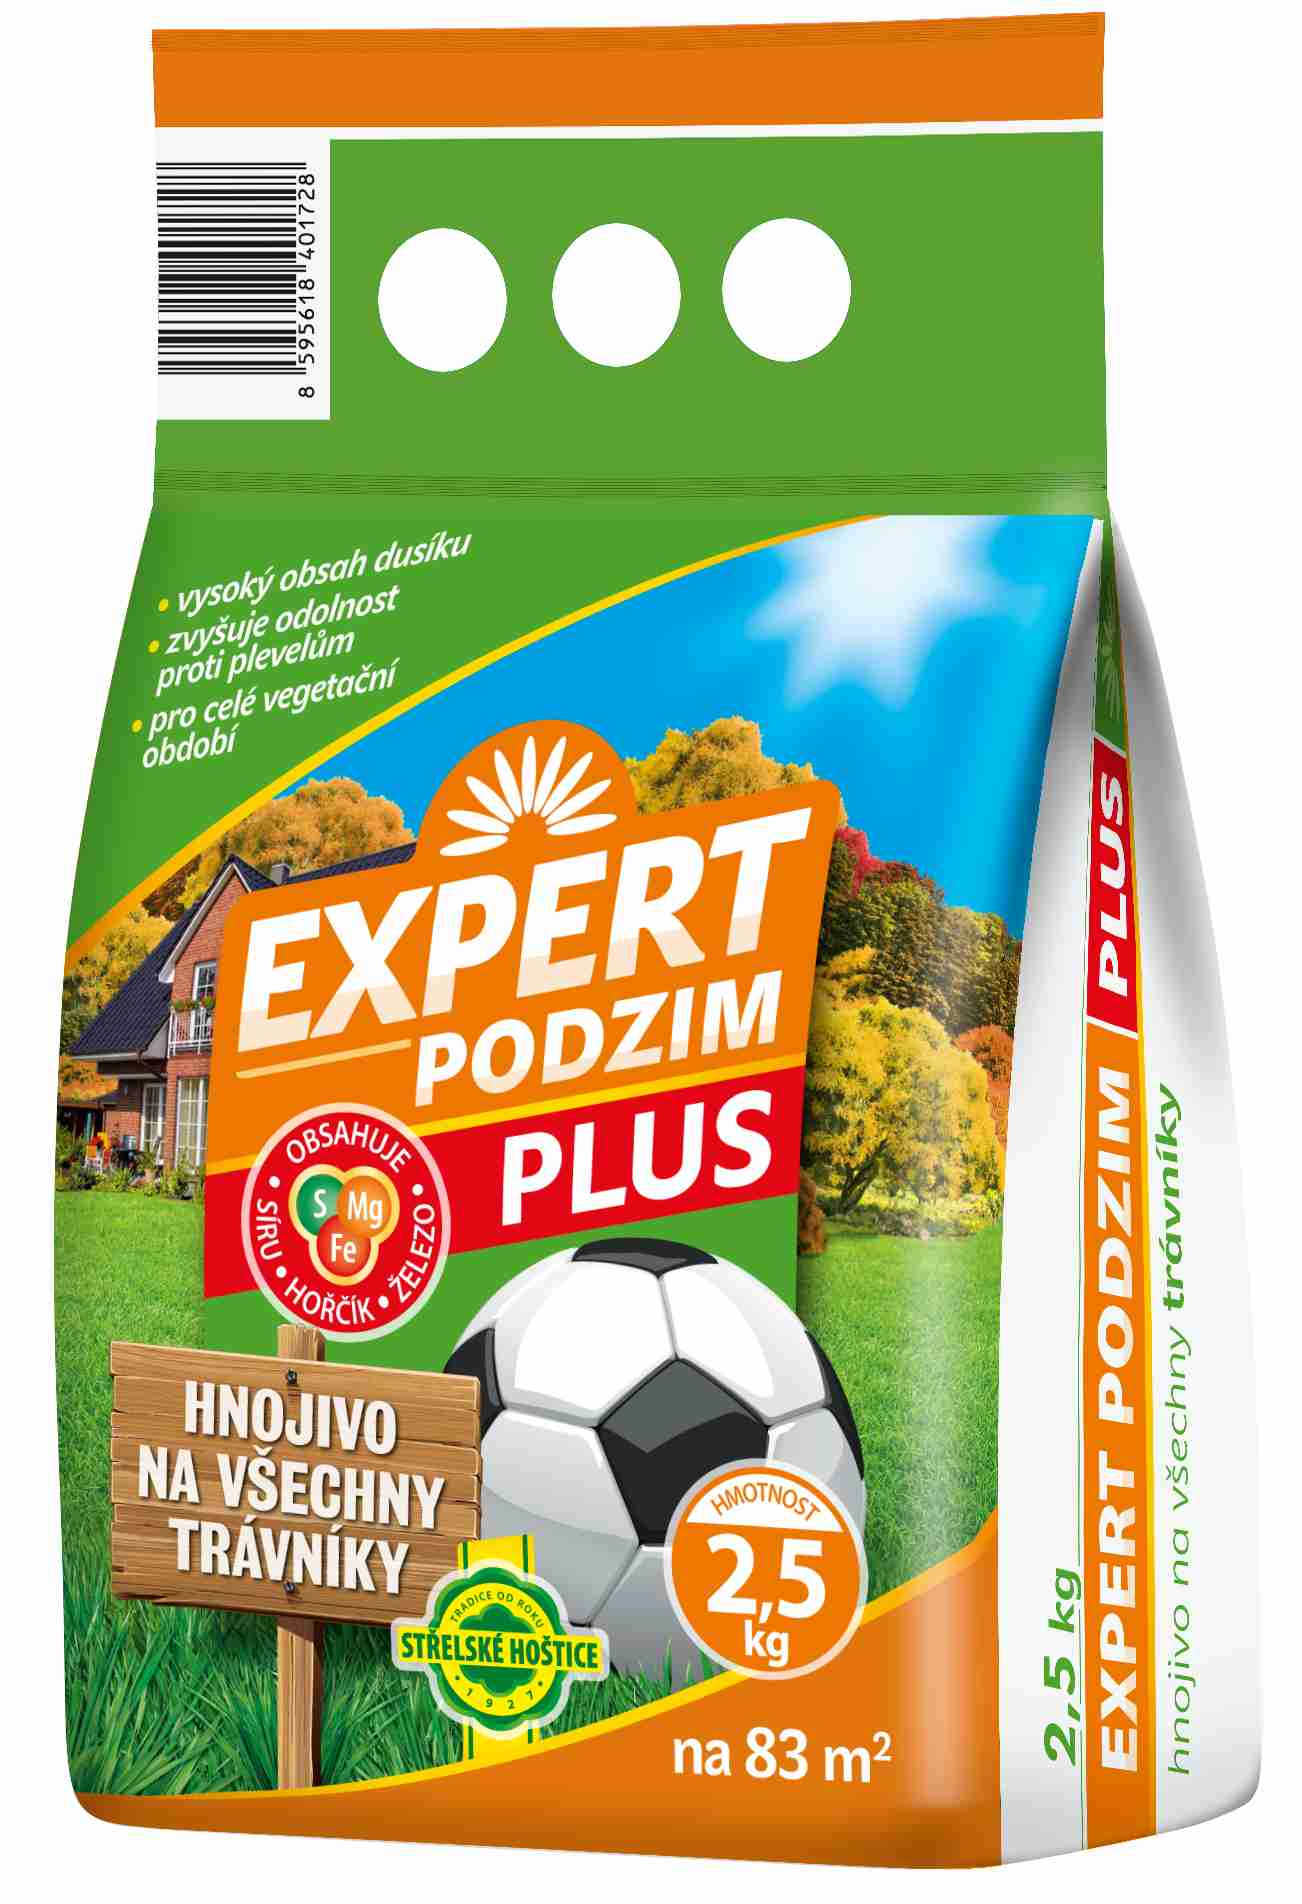 Trávníkové hnojivo EXPERT PLUS PODZIM - 2,5 kg Forestina